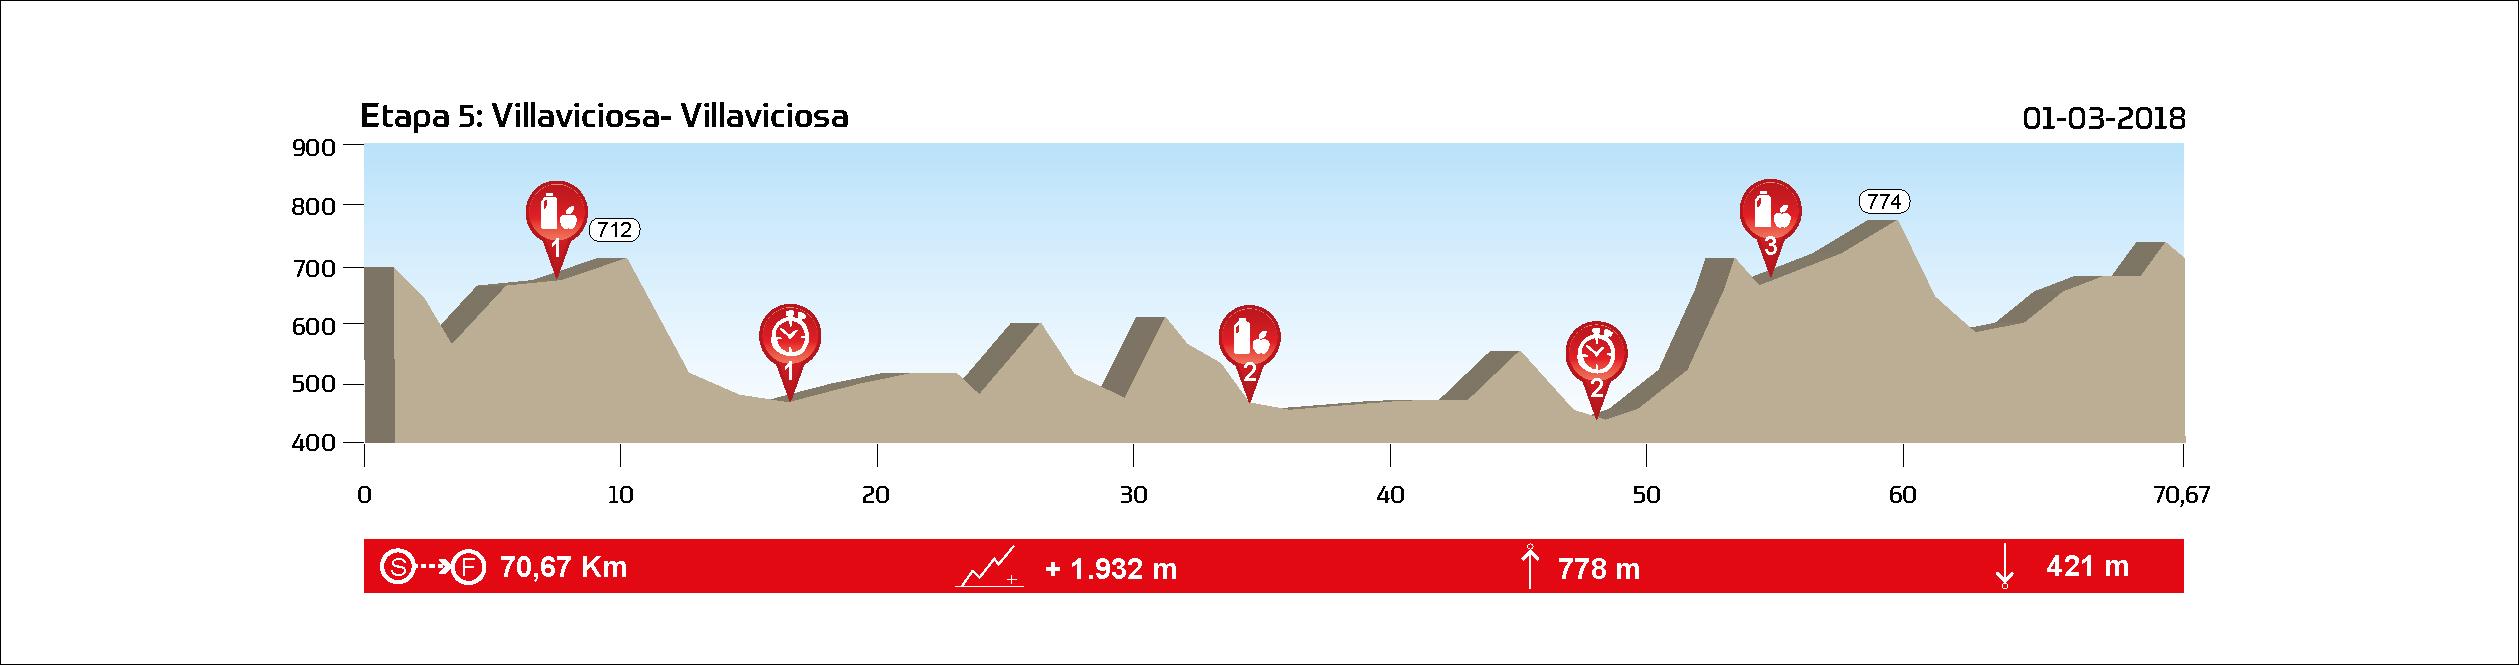 ETAPA 5 (XCM) - Villaviciosa de Córdoba - 01.03.2018 - 70,7 km // 1.932 m+